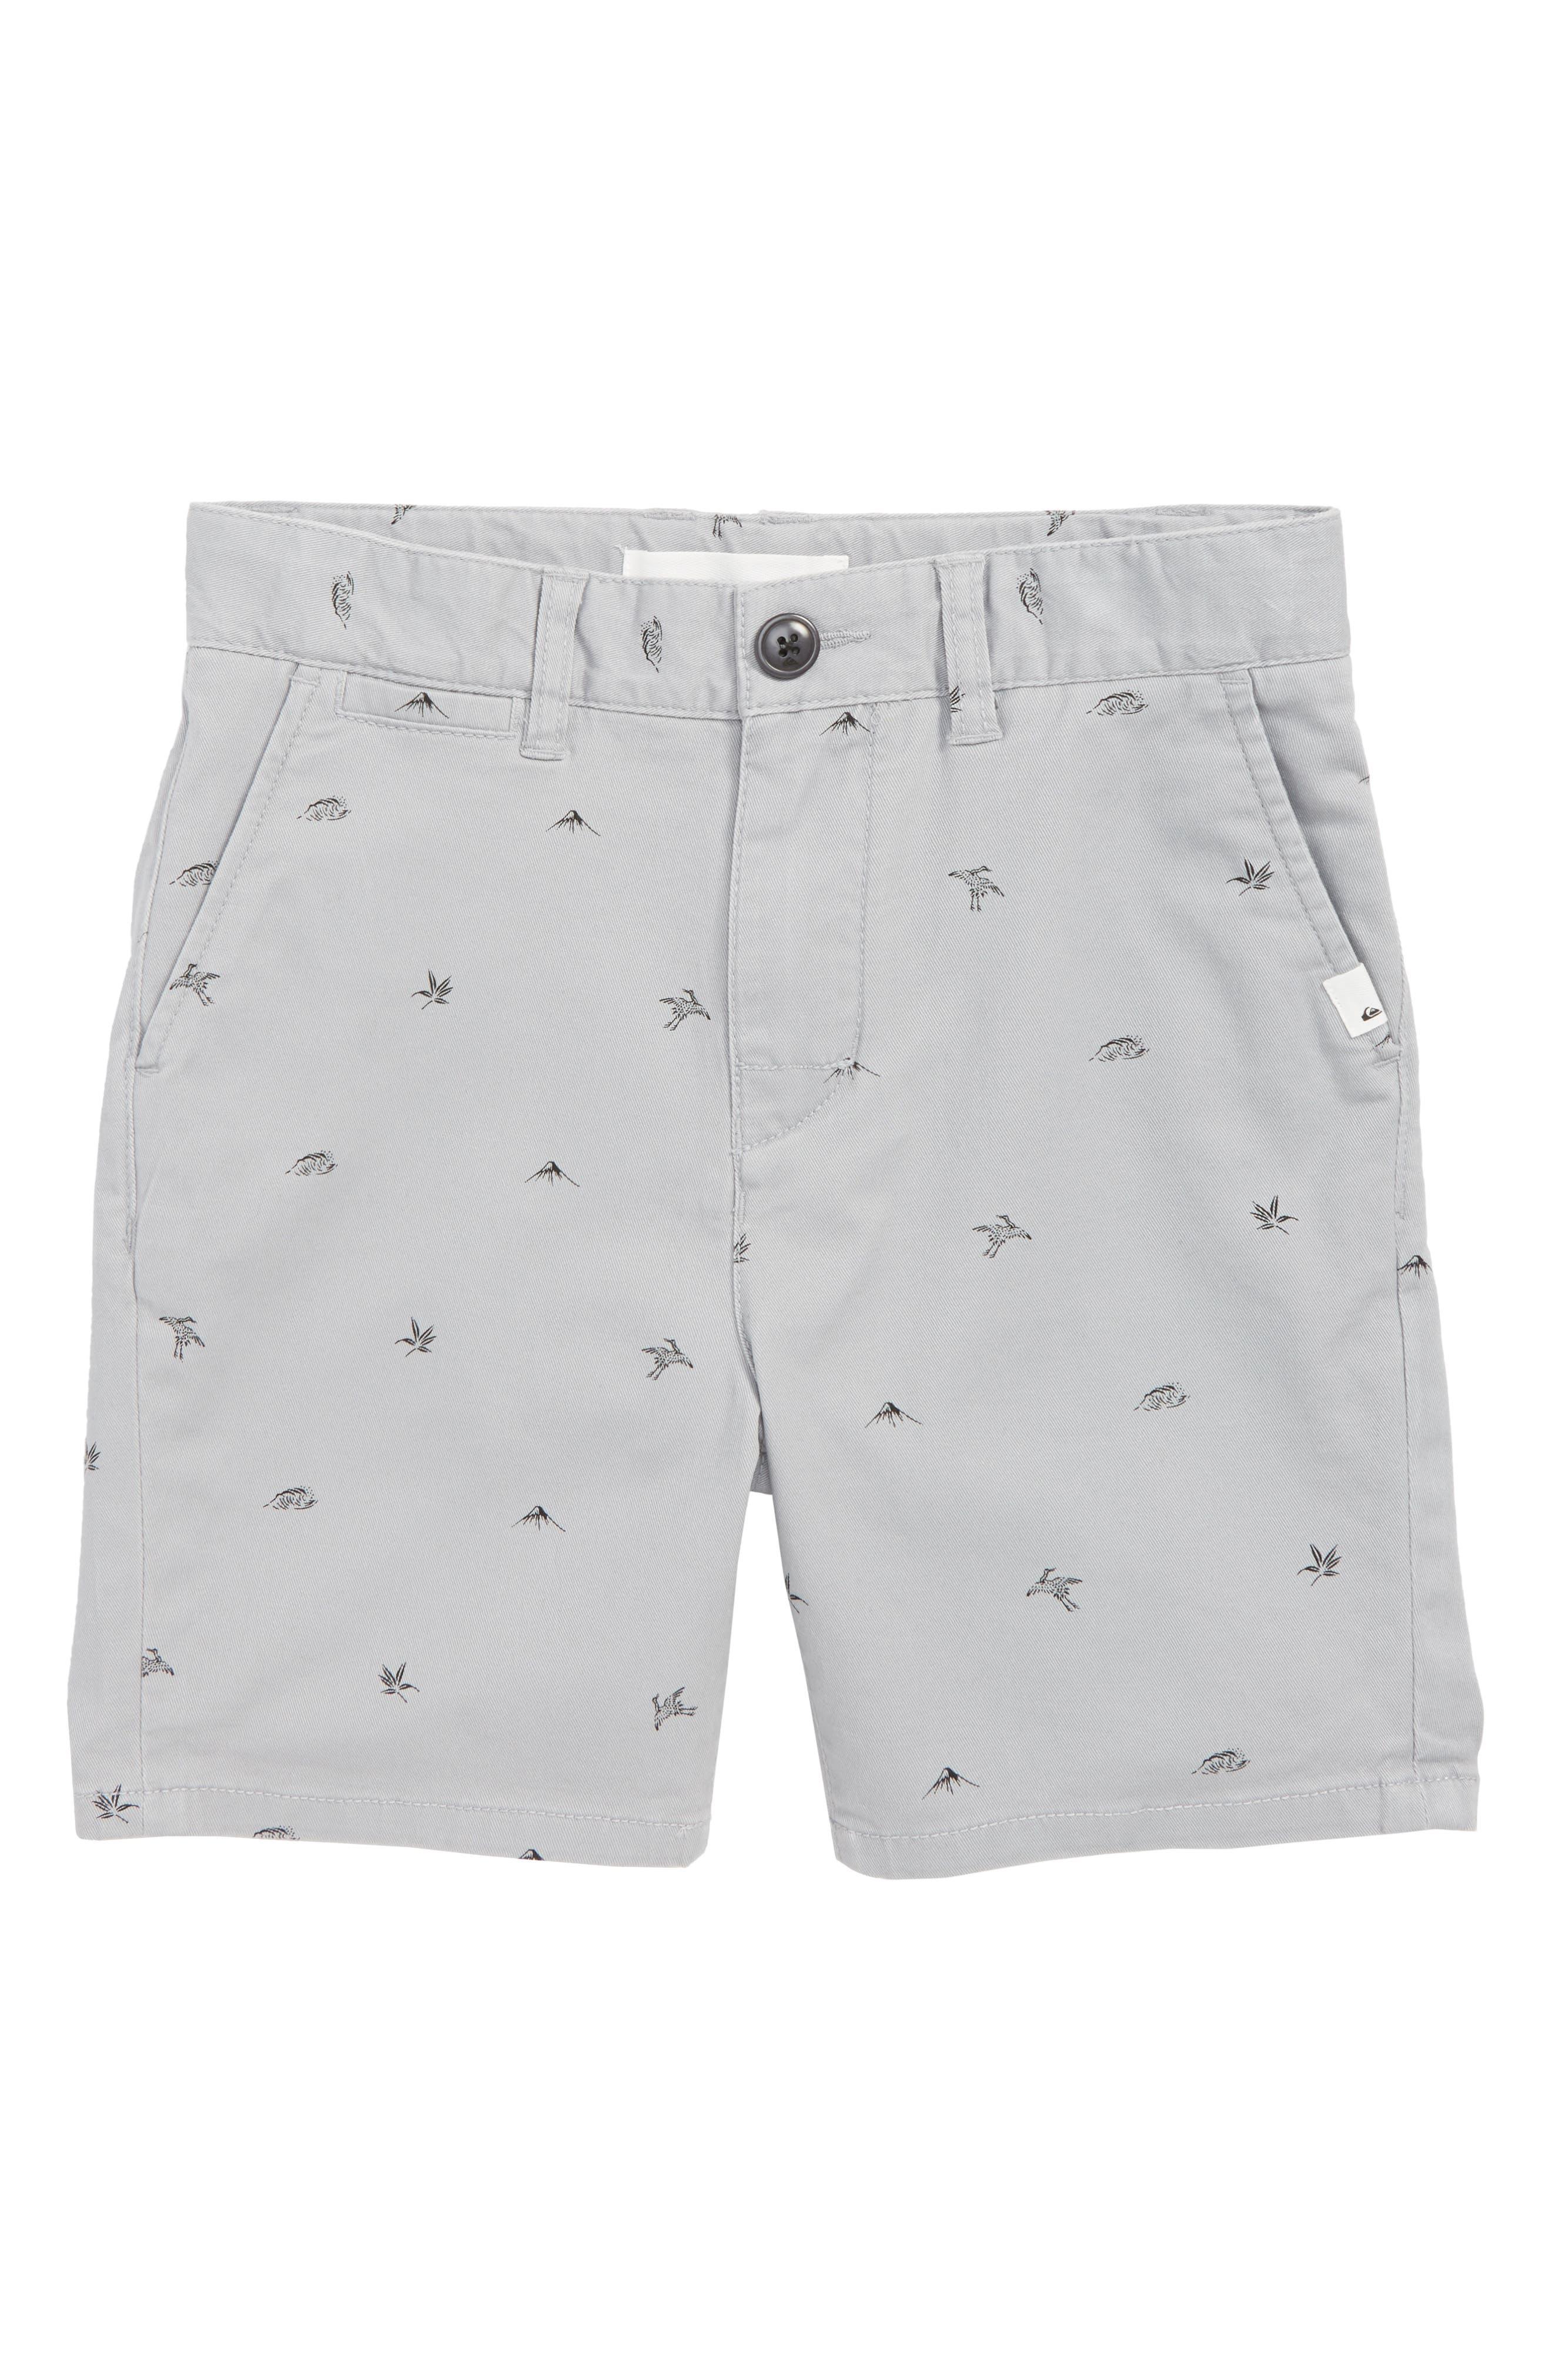 Krandy Fuji Chino Shorts,                             Main thumbnail 1, color,                             031